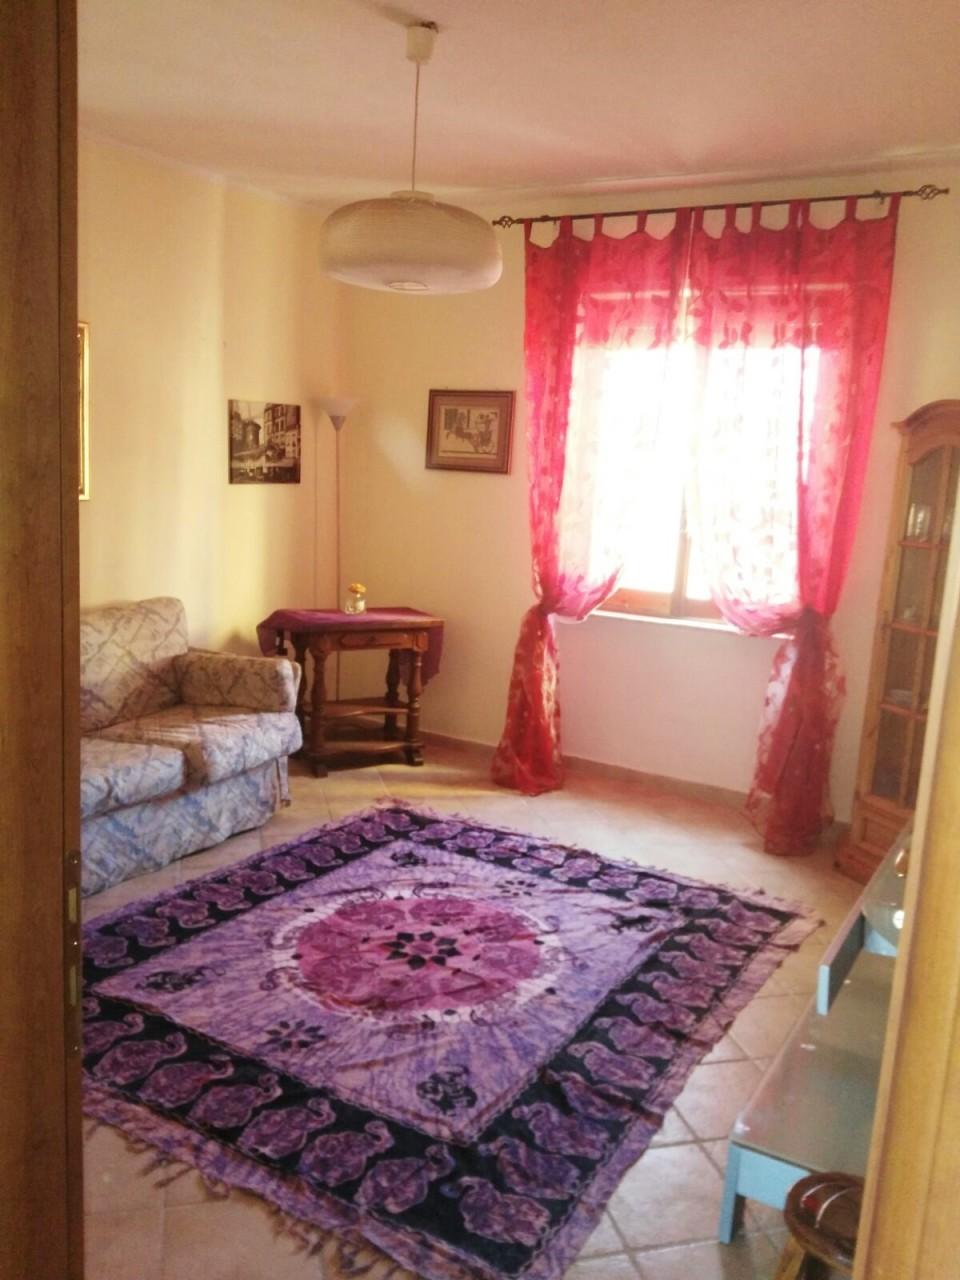 Appartamento in vendita a Selargius, 3 locali, prezzo € 97.000 | CambioCasa.it